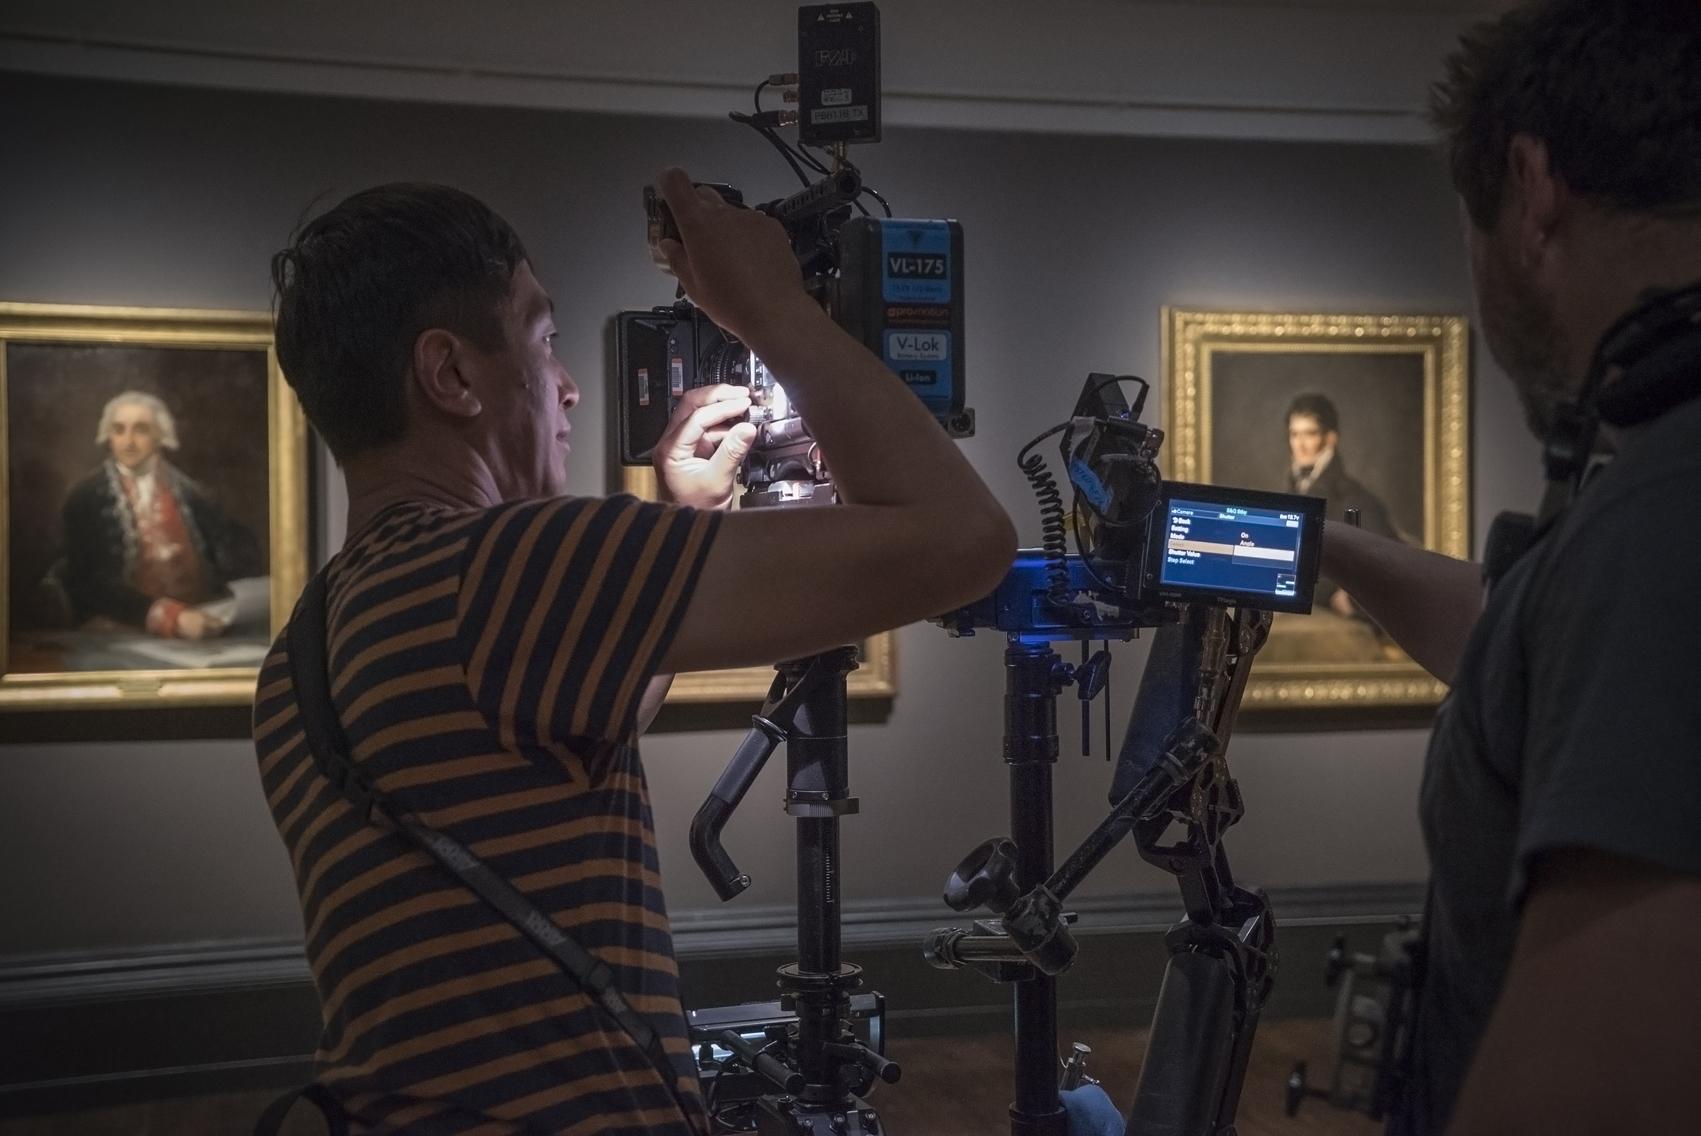 Rodando en una de las salas de la exposición de retratos de Goya en la National Gallery de Londres.